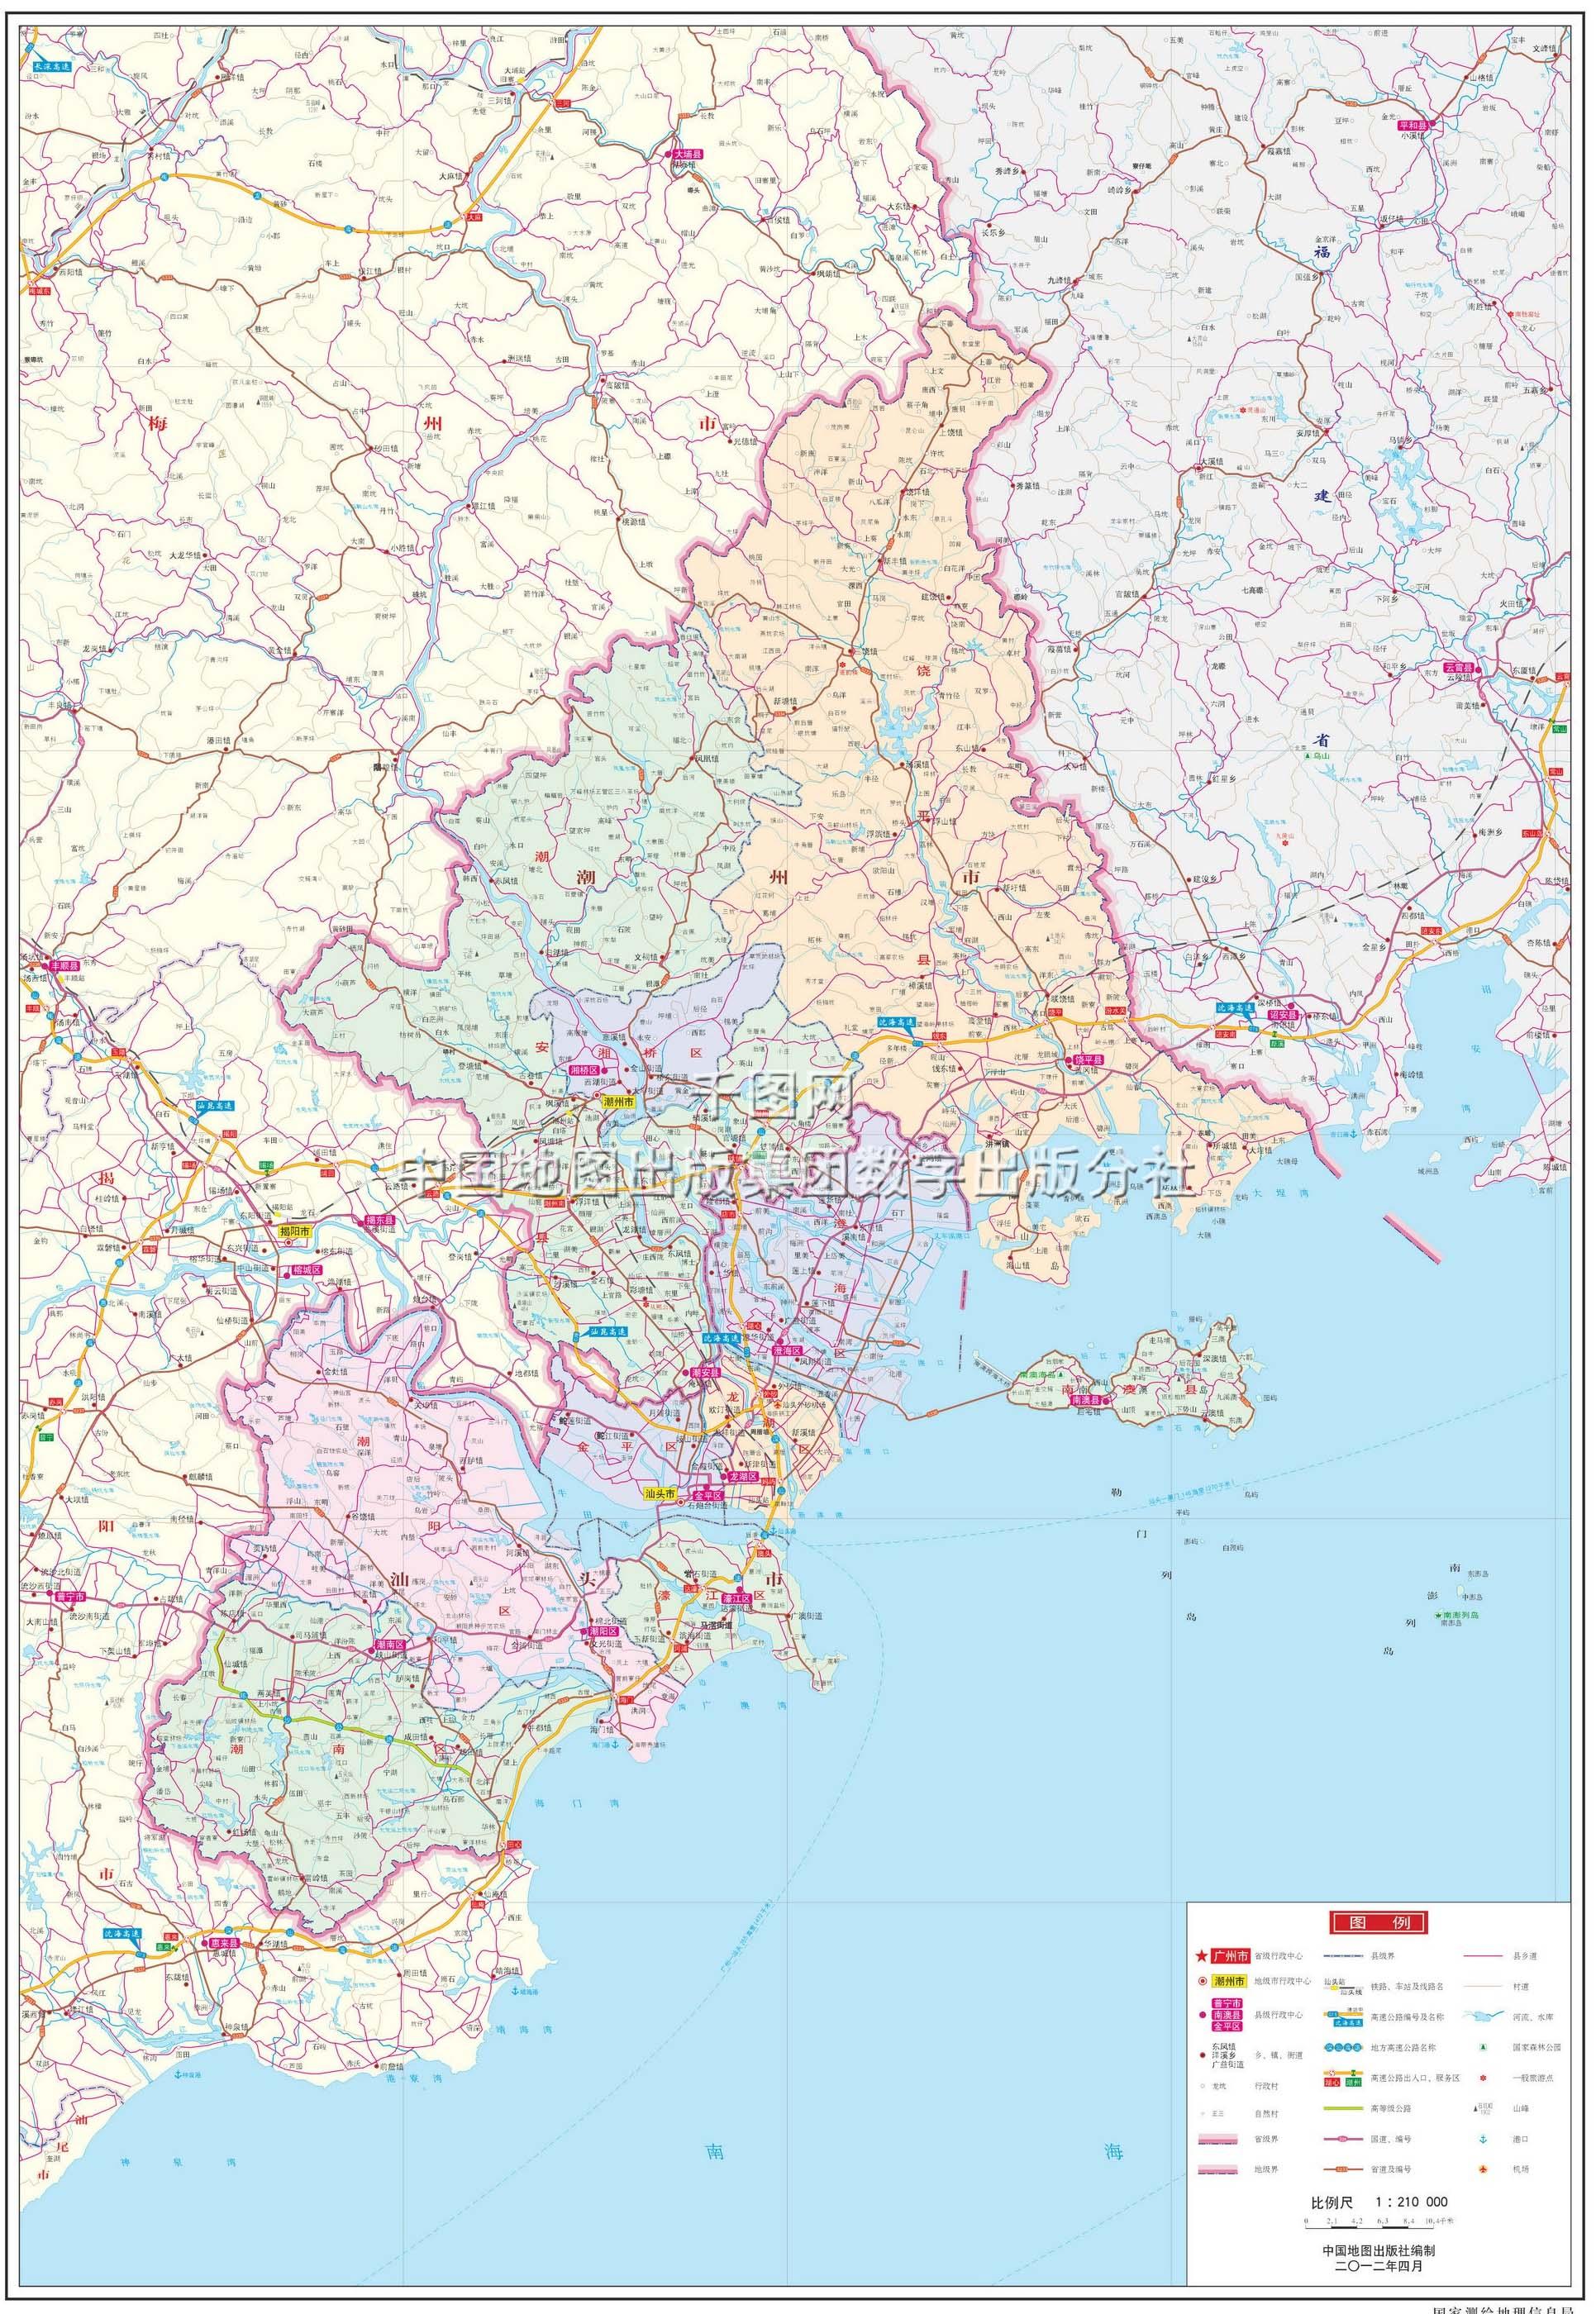 汕头市地图高清版